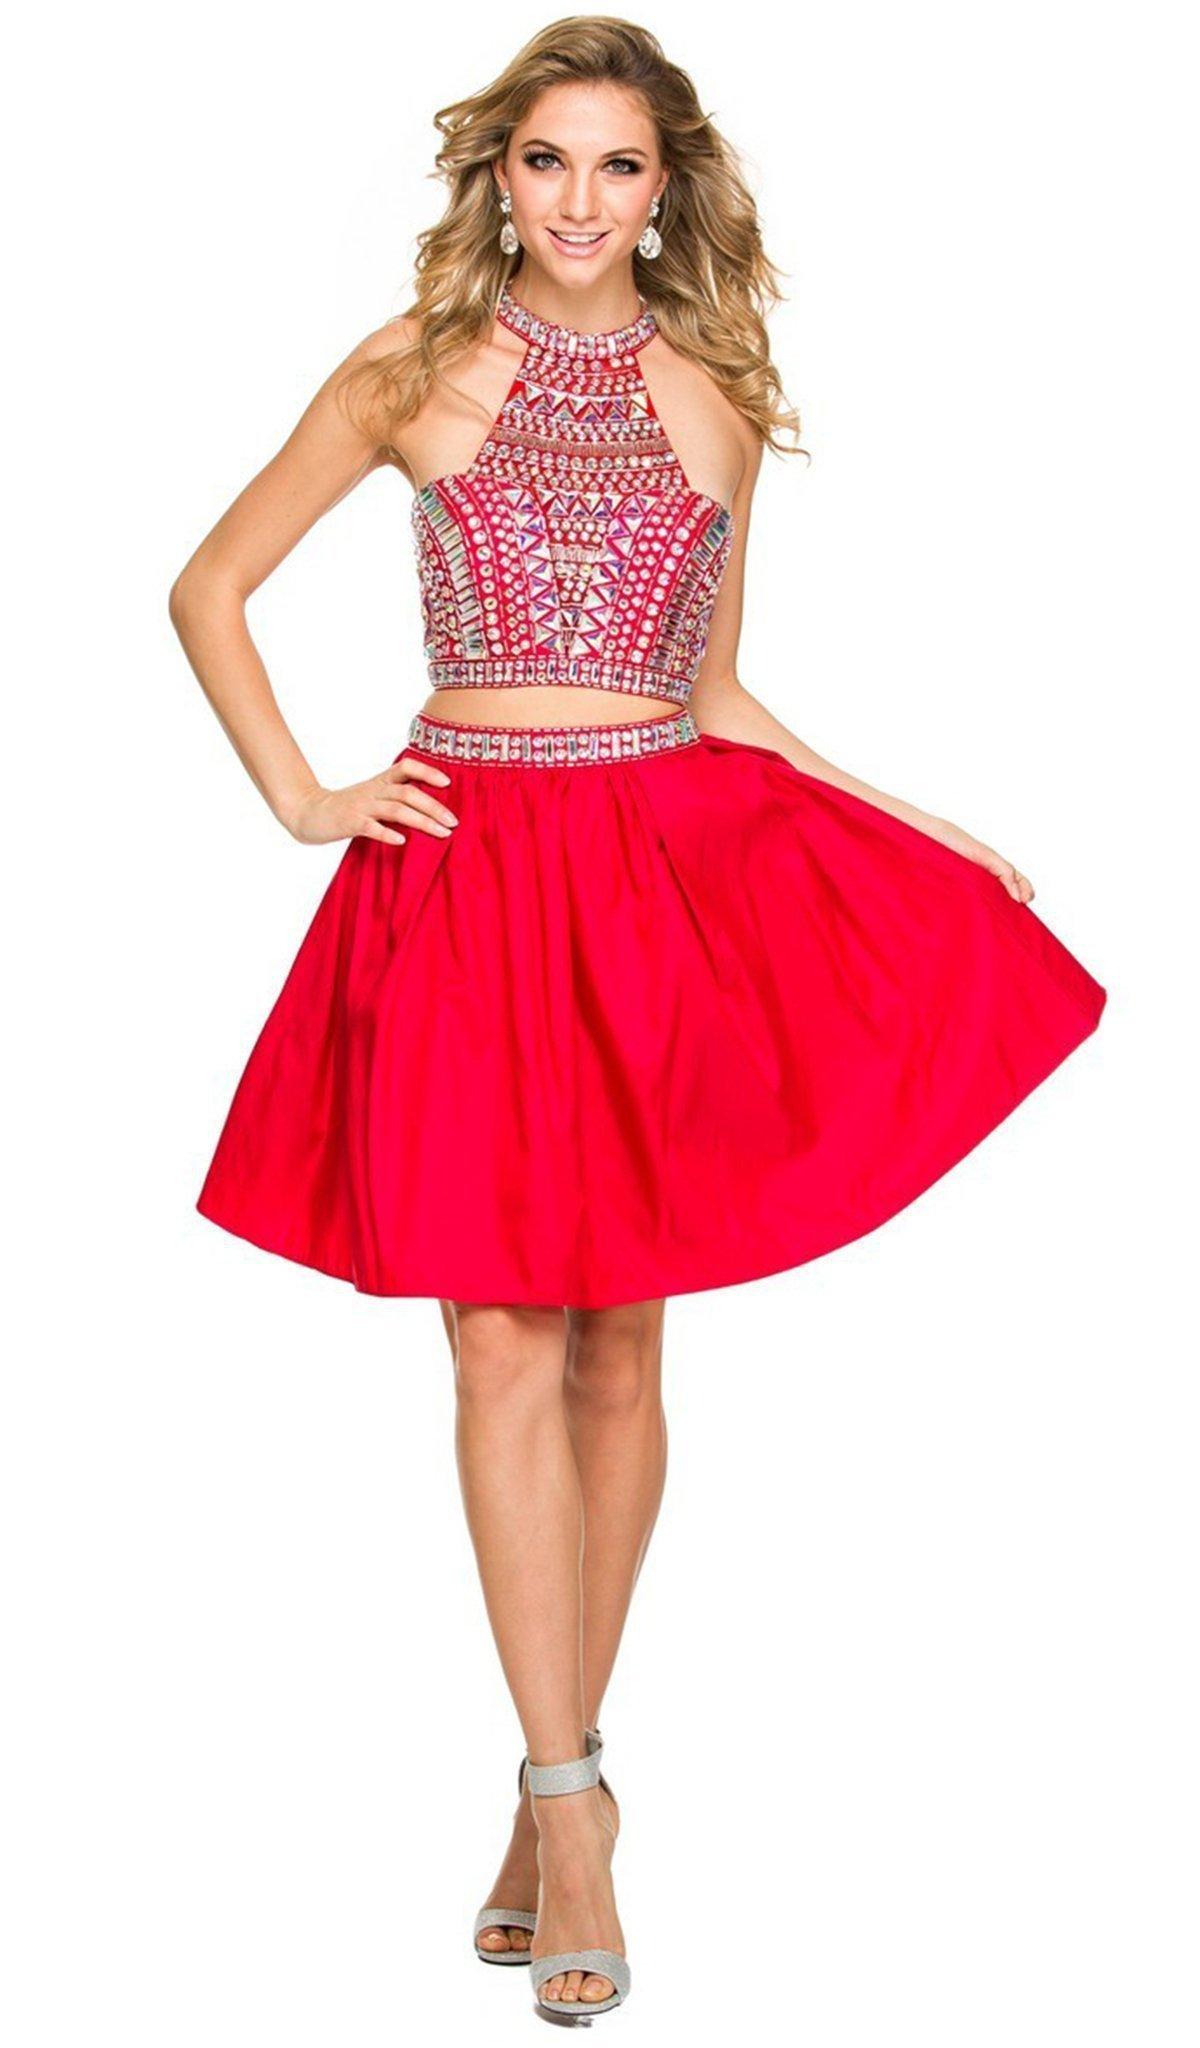 Nox Anabel - 6053 Gem Embellished Halter Two-Piece Cocktail Dress